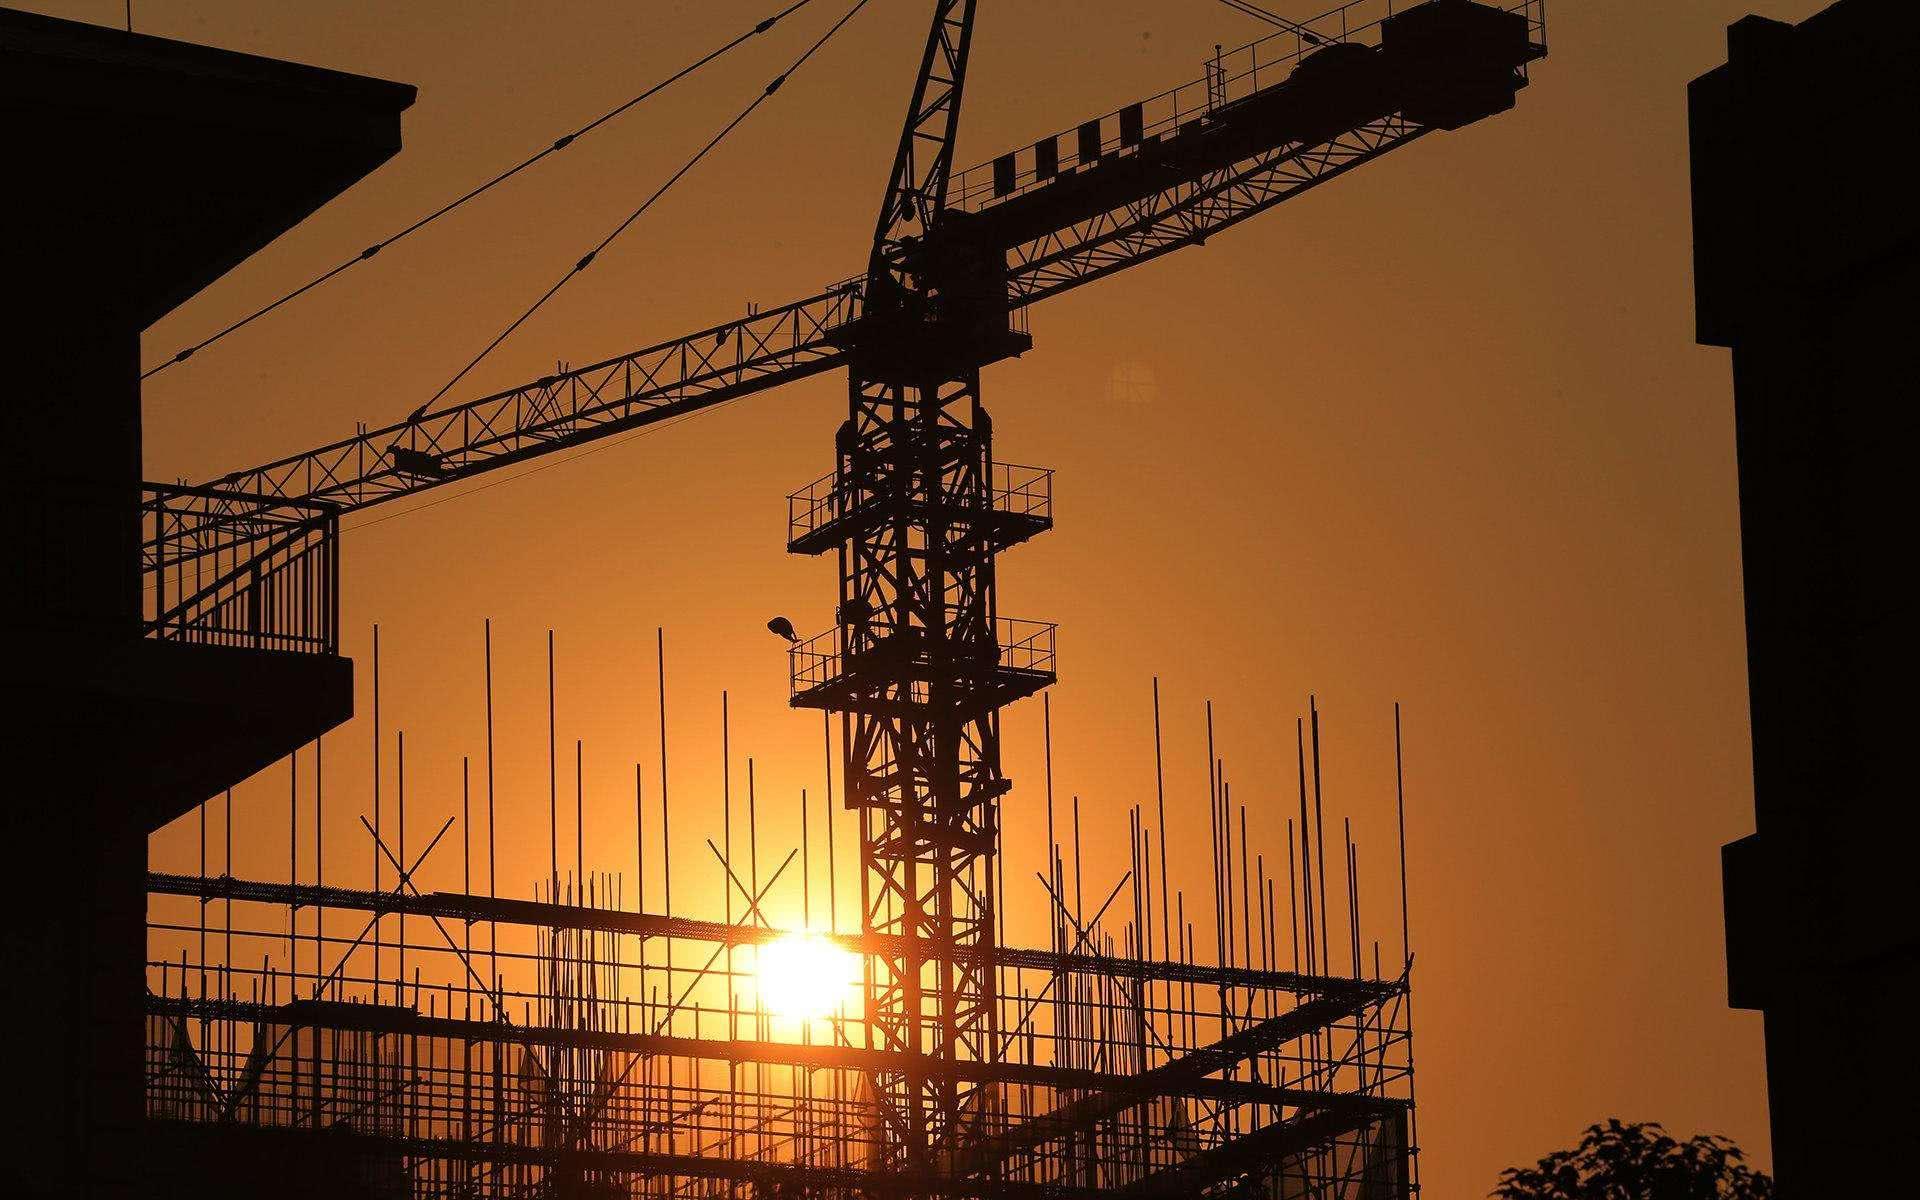 一二线量价齐跌!三线退烧,地价变化揭秘楼市怎样的未来?